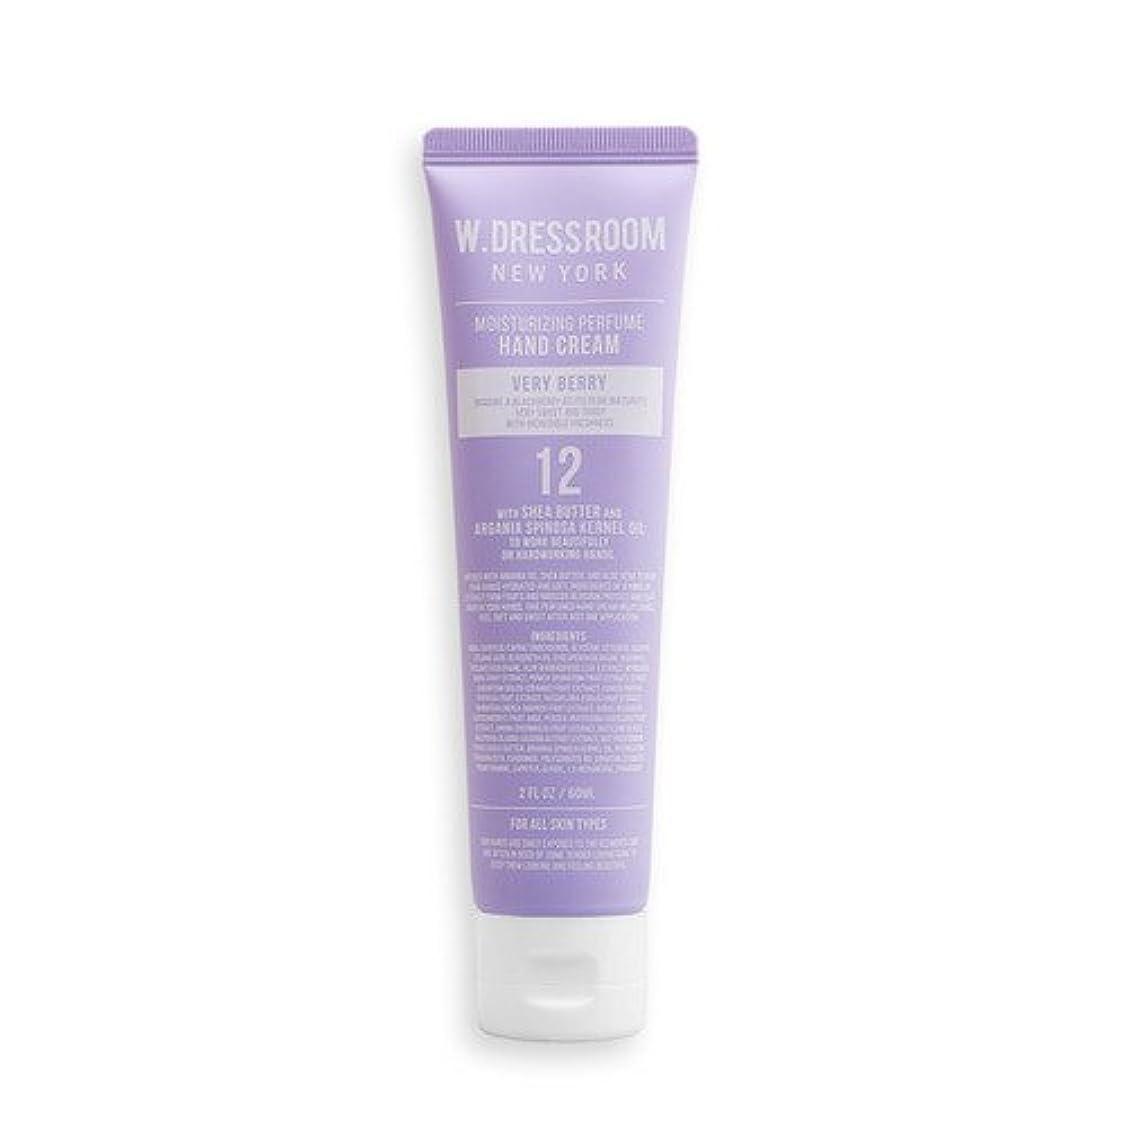 払い戻しアクセシブル絶望W.DRESSROOM Moisturizing Perfume Hand Cream 60ml/ダブルドレスルーム モイスチャライジング パフューム ハンドクリーム 60ml (#No.12 Very Berry) [...